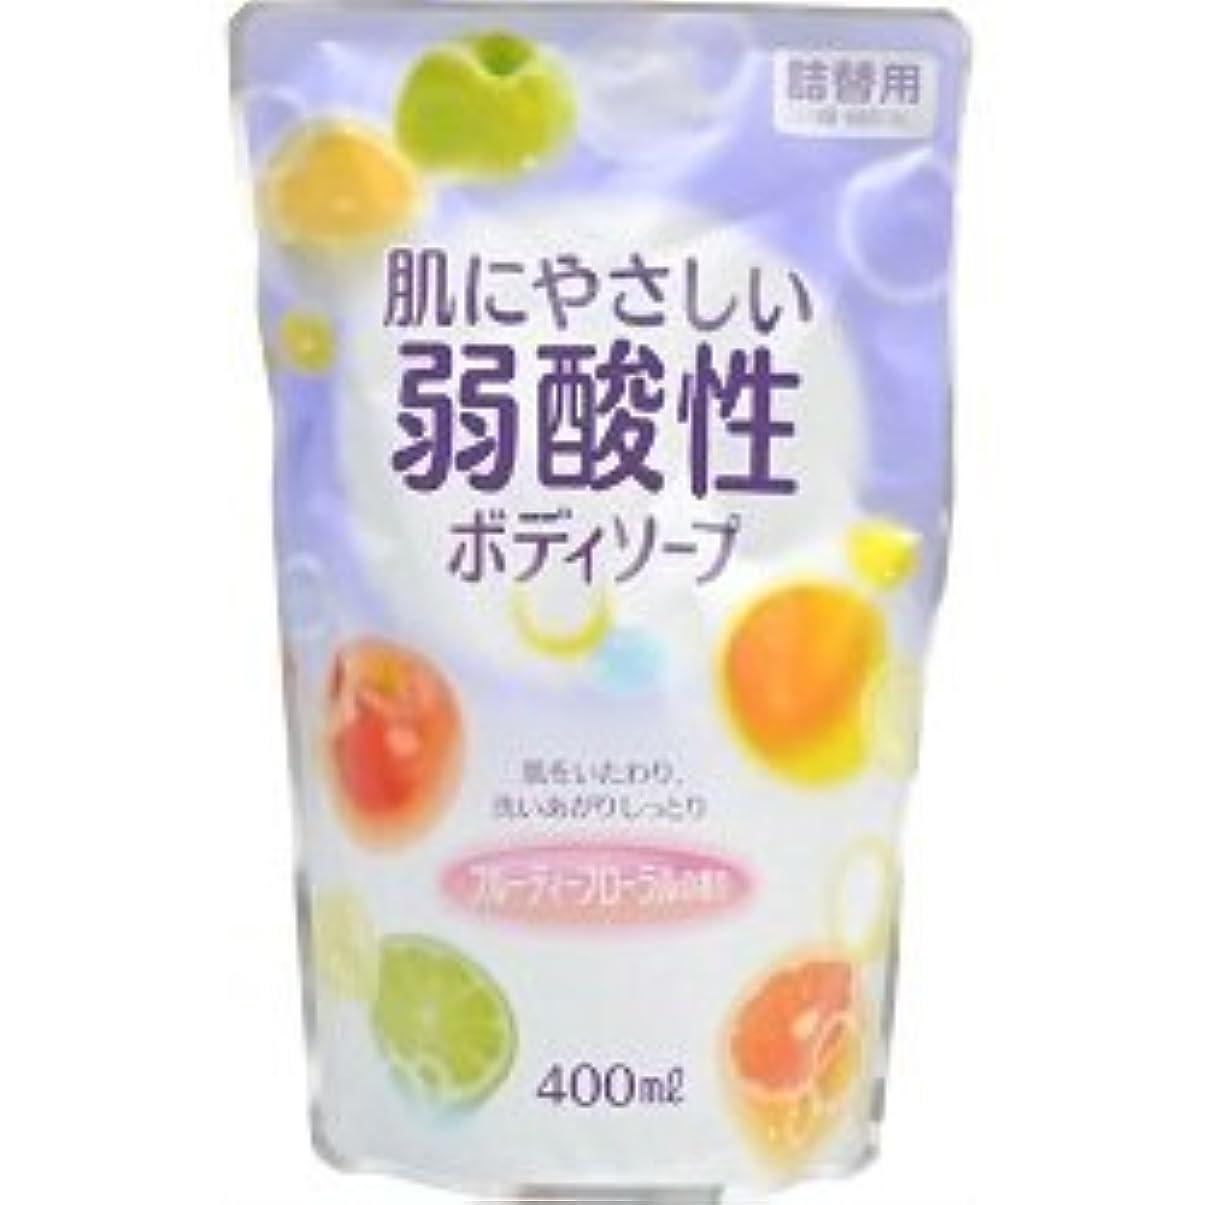 乱す遠征無臭【エオリア】弱酸性ボディソープ フルーティフローラルの香り 詰替用 400ml ×10個セット